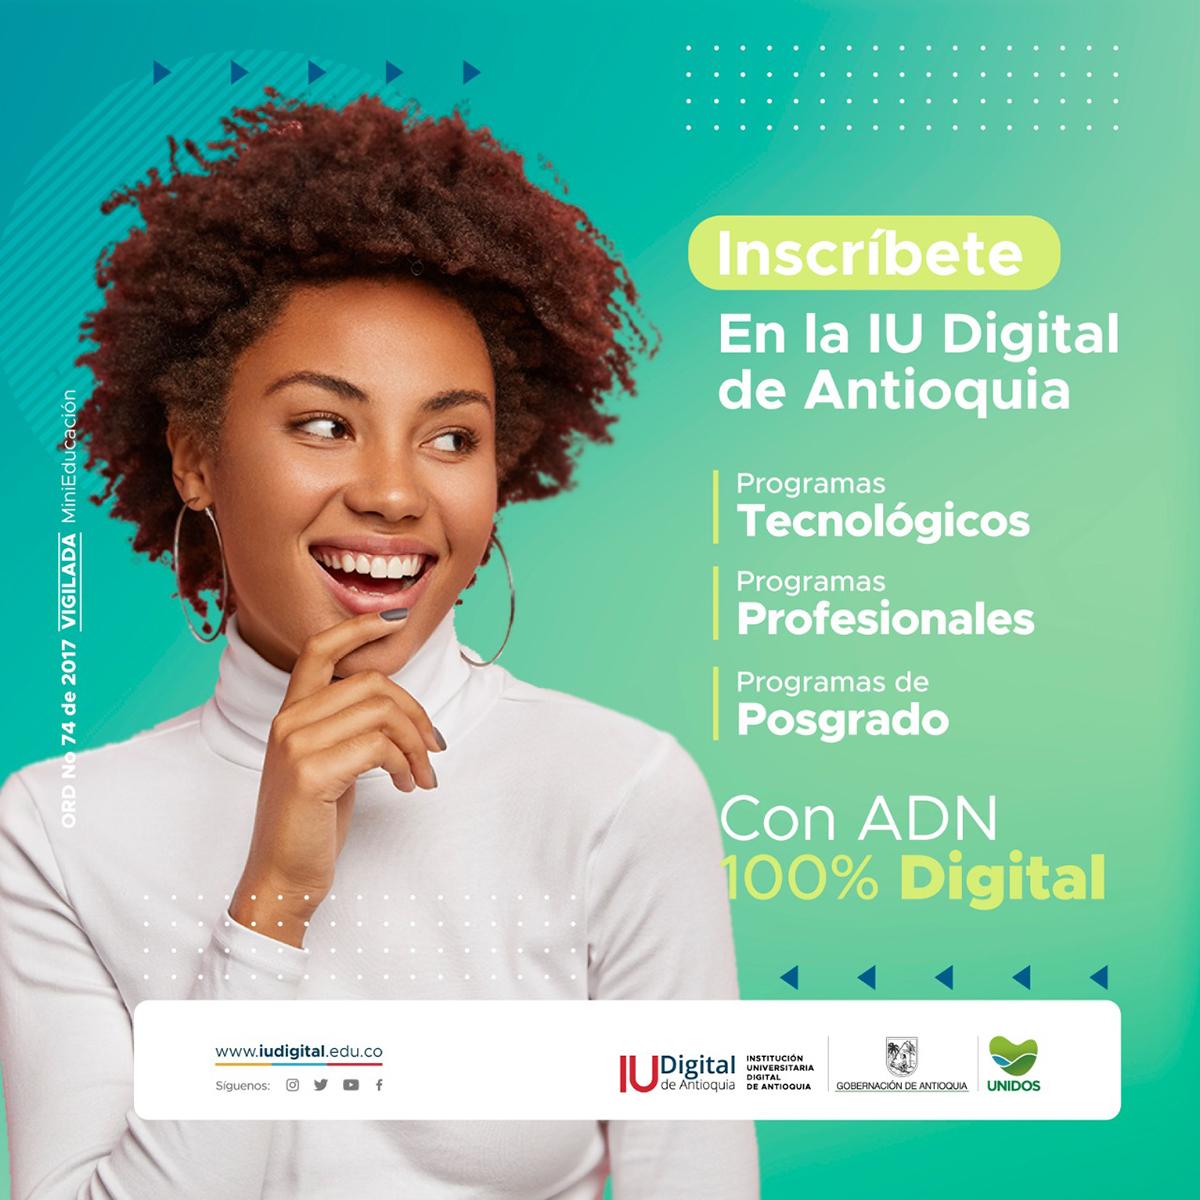 IU Digital de Antioquia